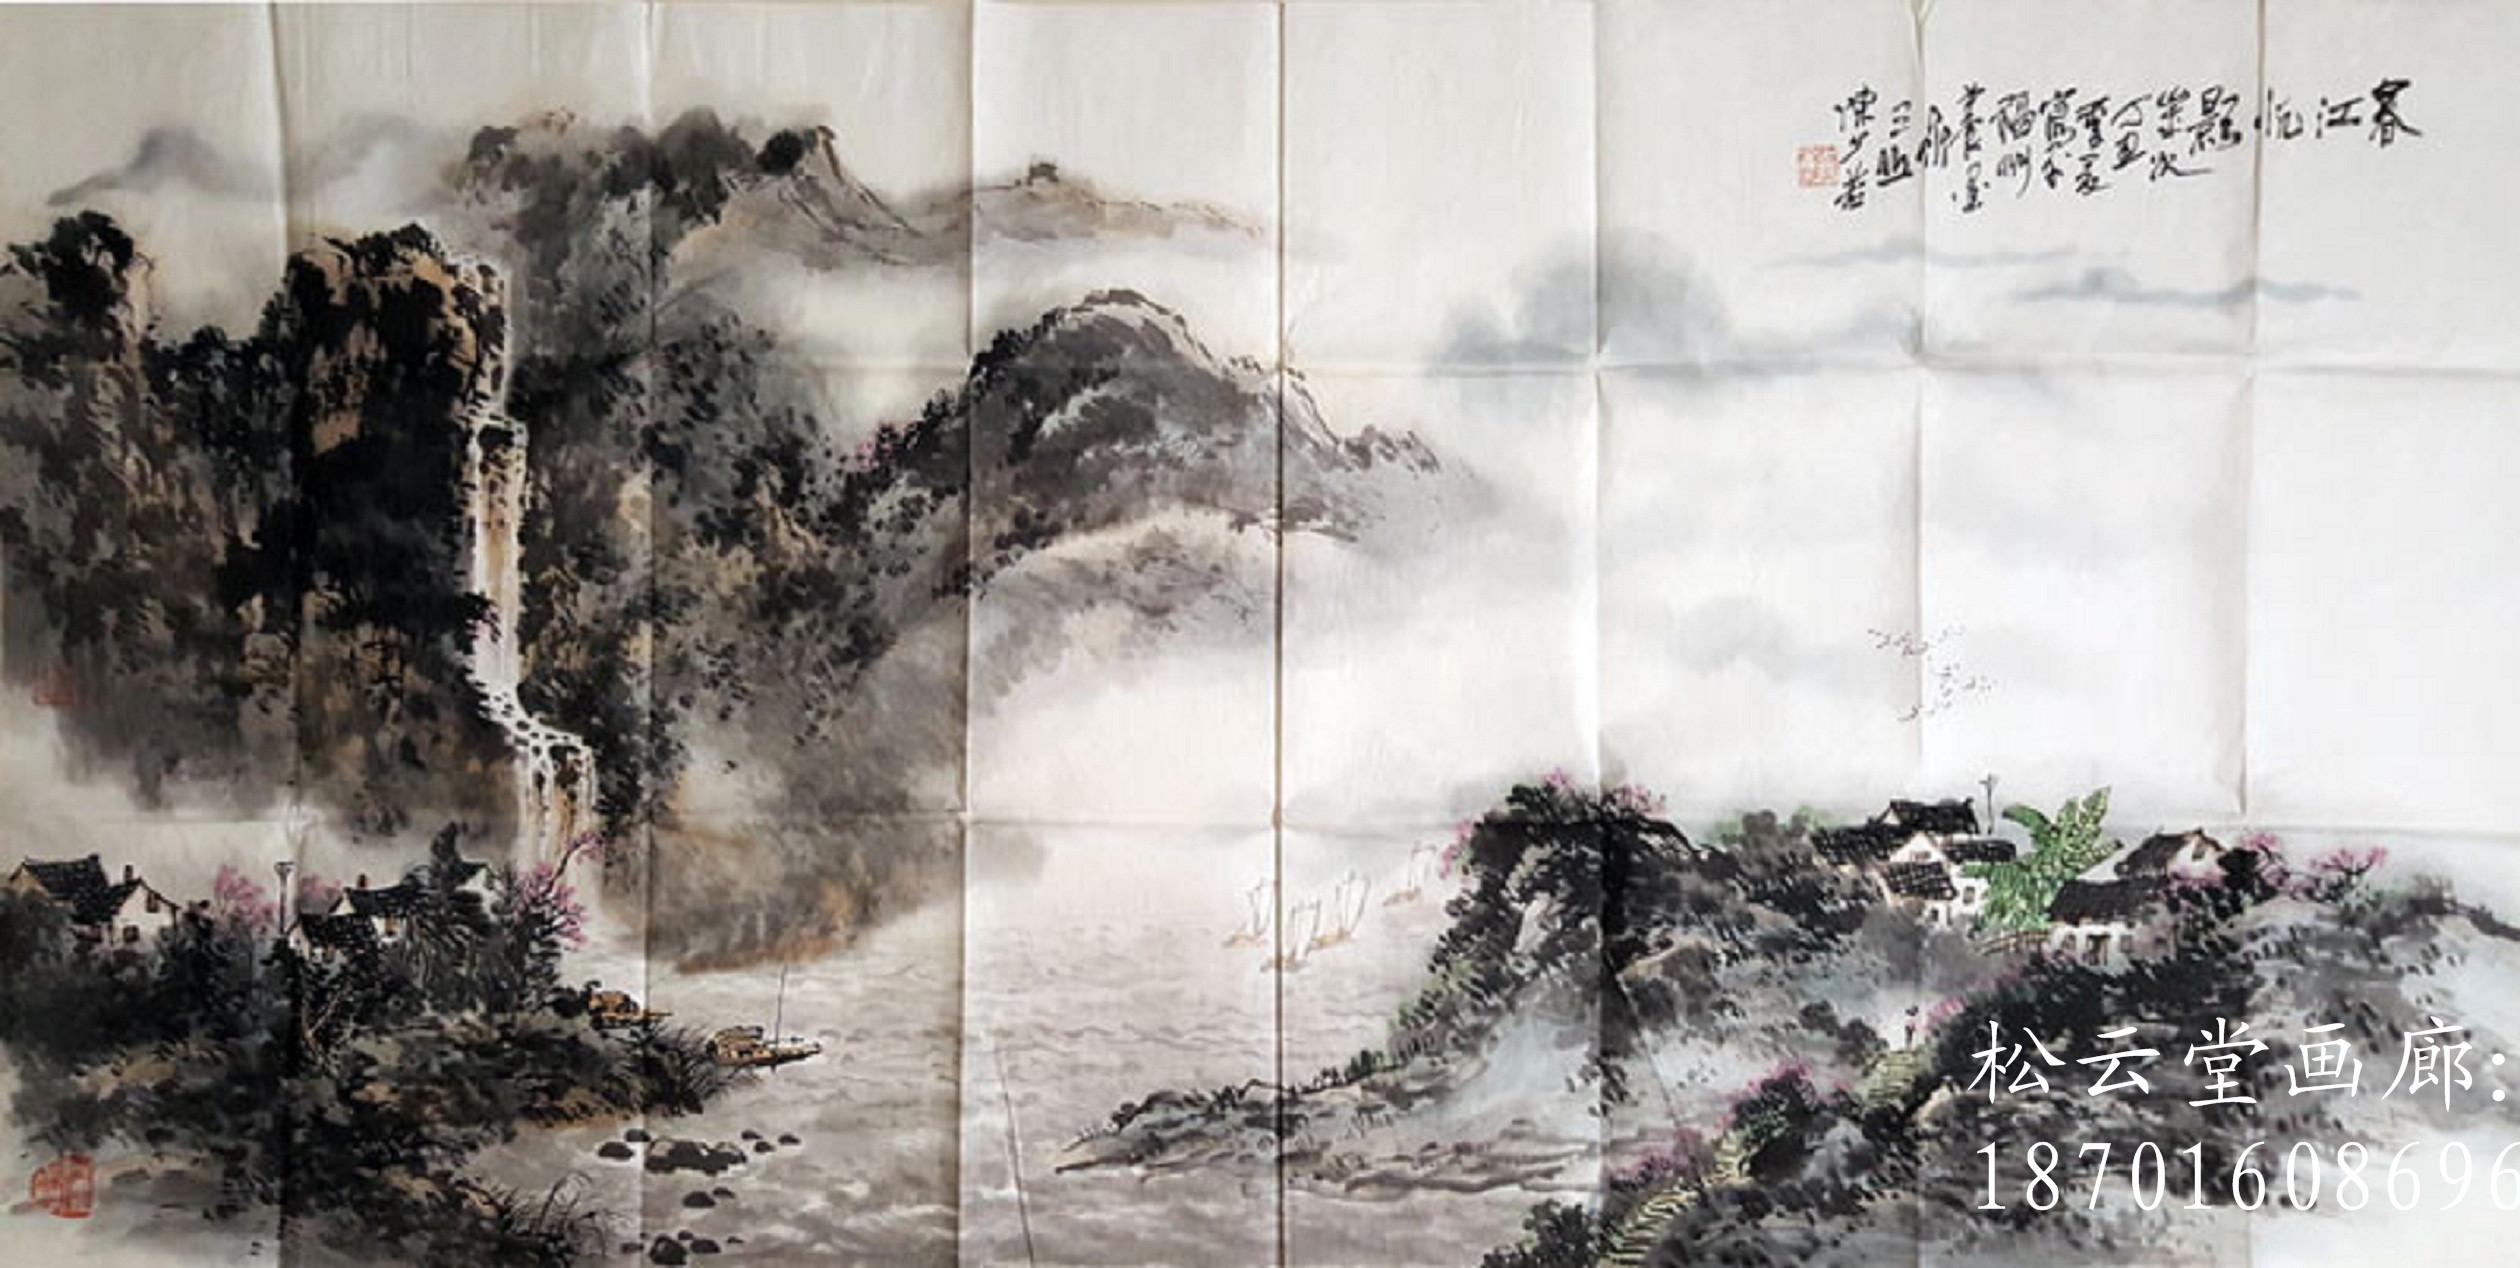 擅长国画山水,花鸟,笔法写意兼工,主功山水,花鸟创作.